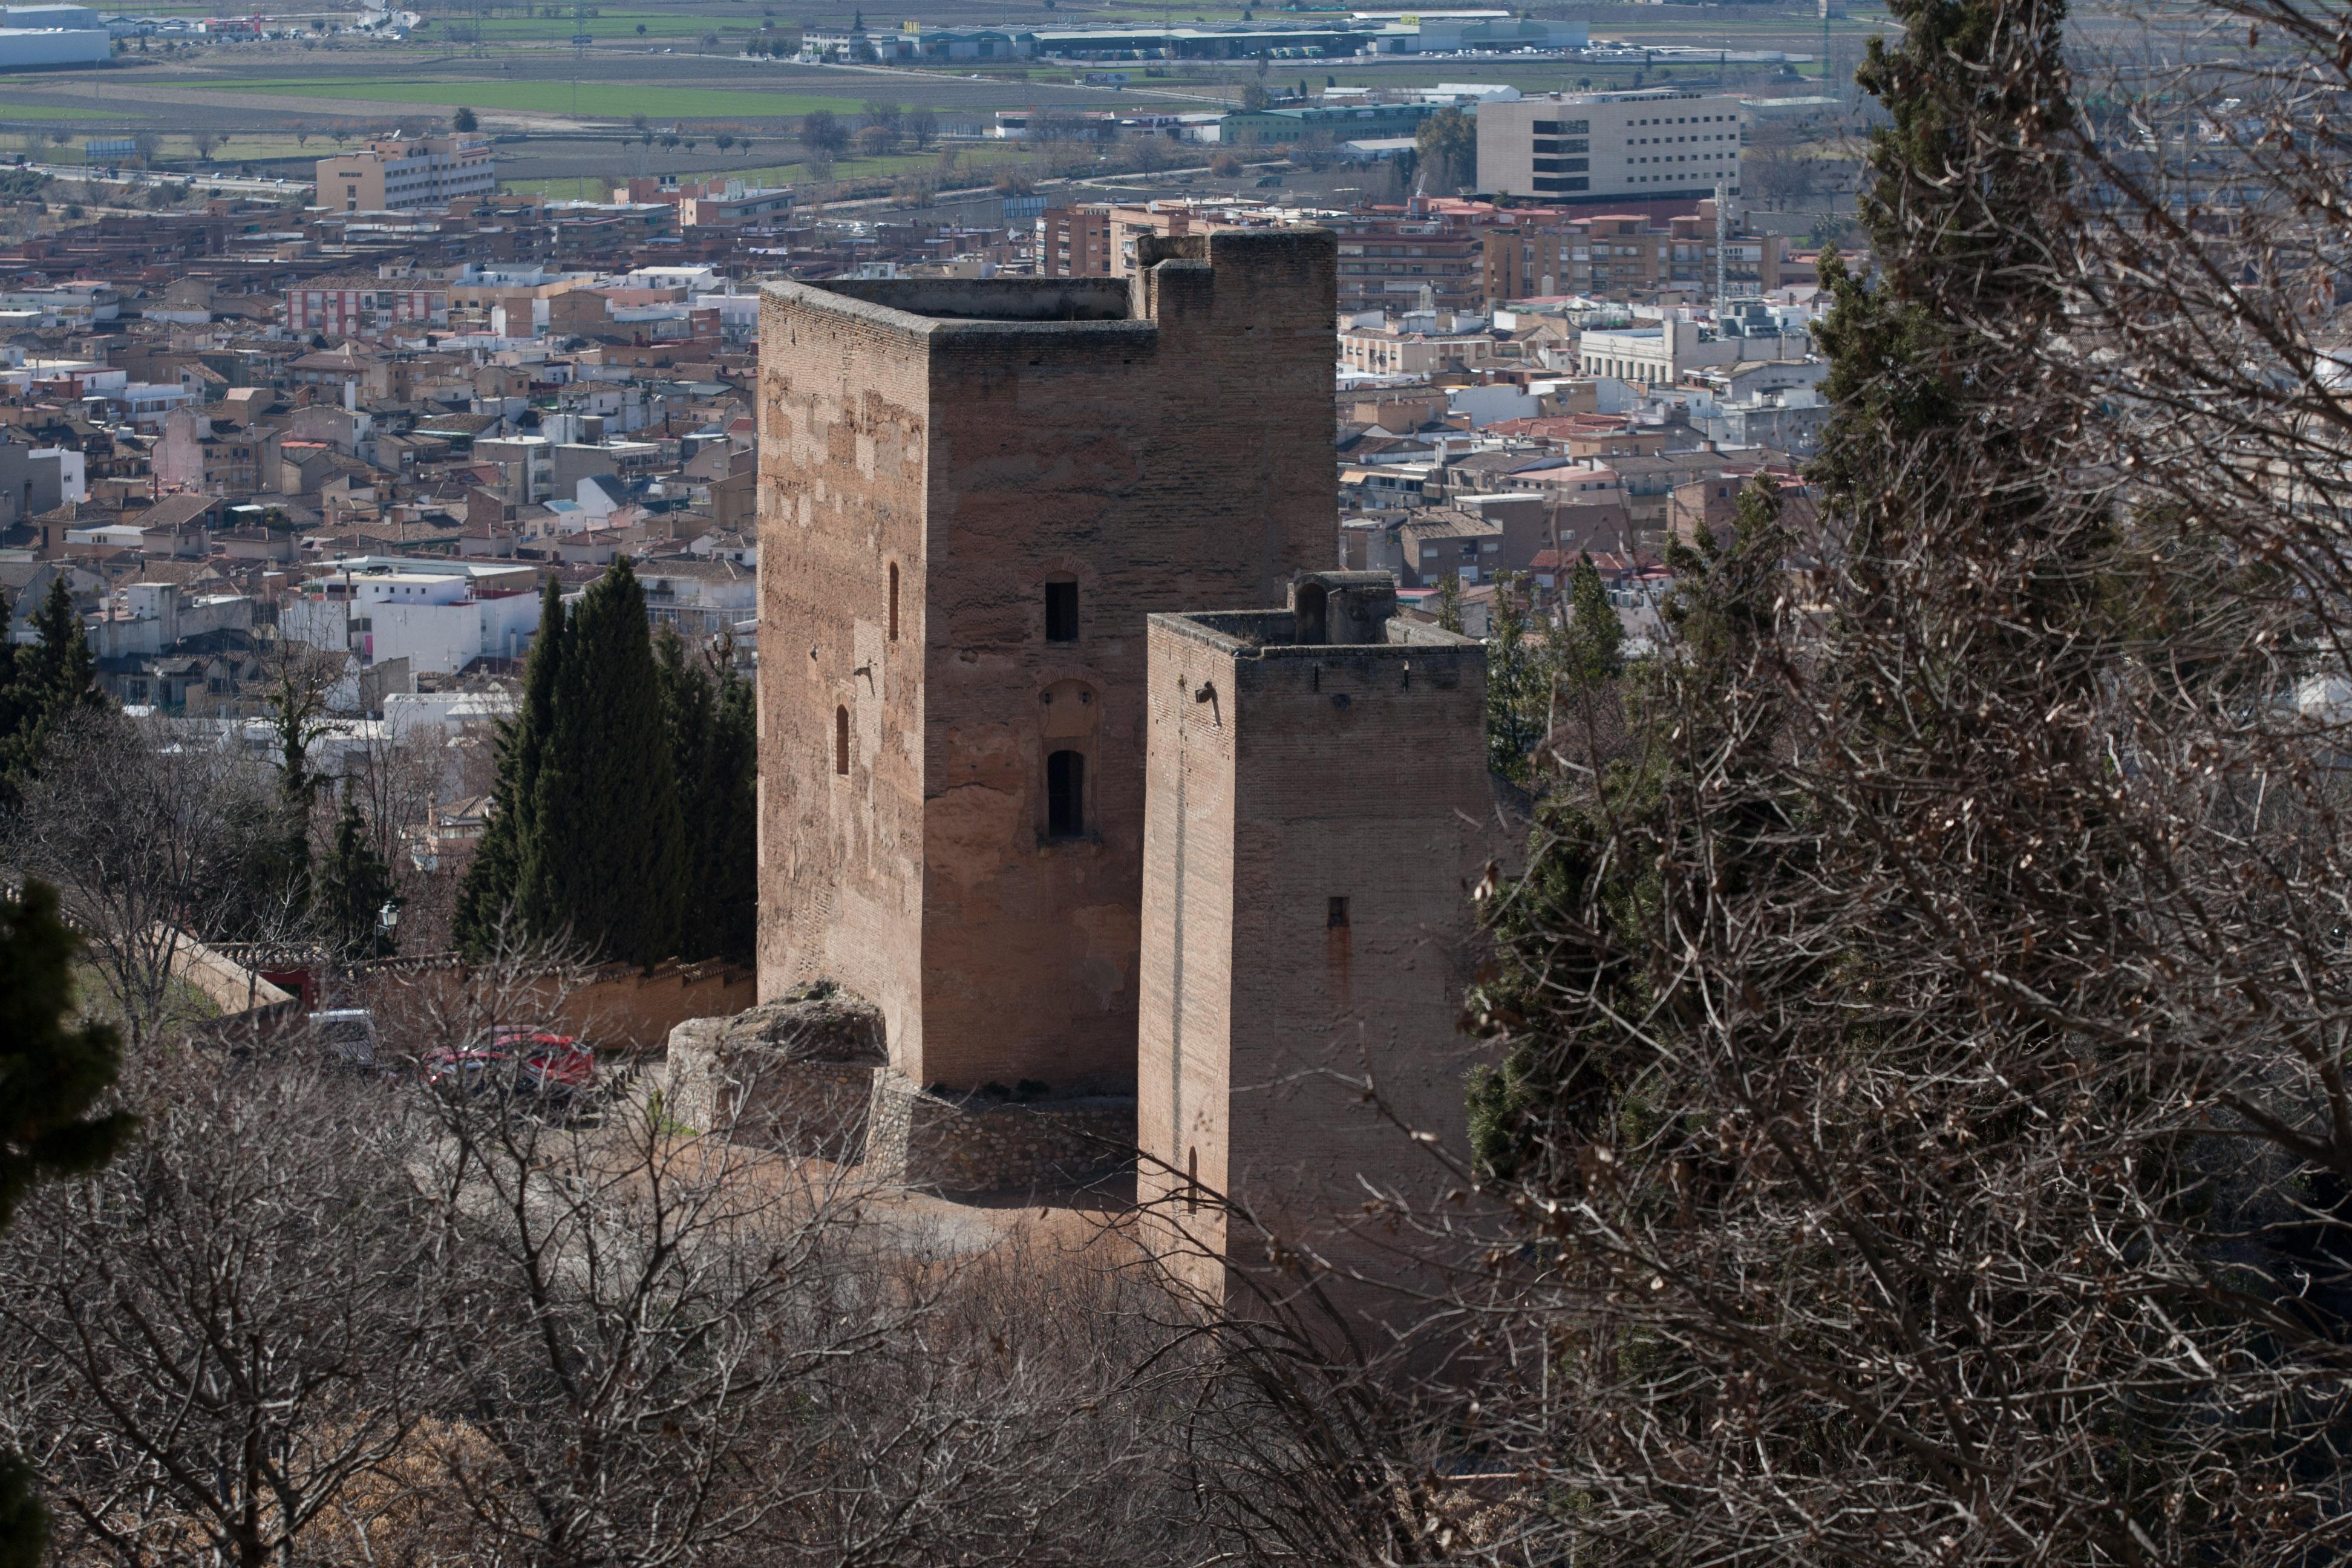 La Alhambra inicia la licitación para las obras de consolidación y conservación de Torres Bermejas para su futura apertura al público